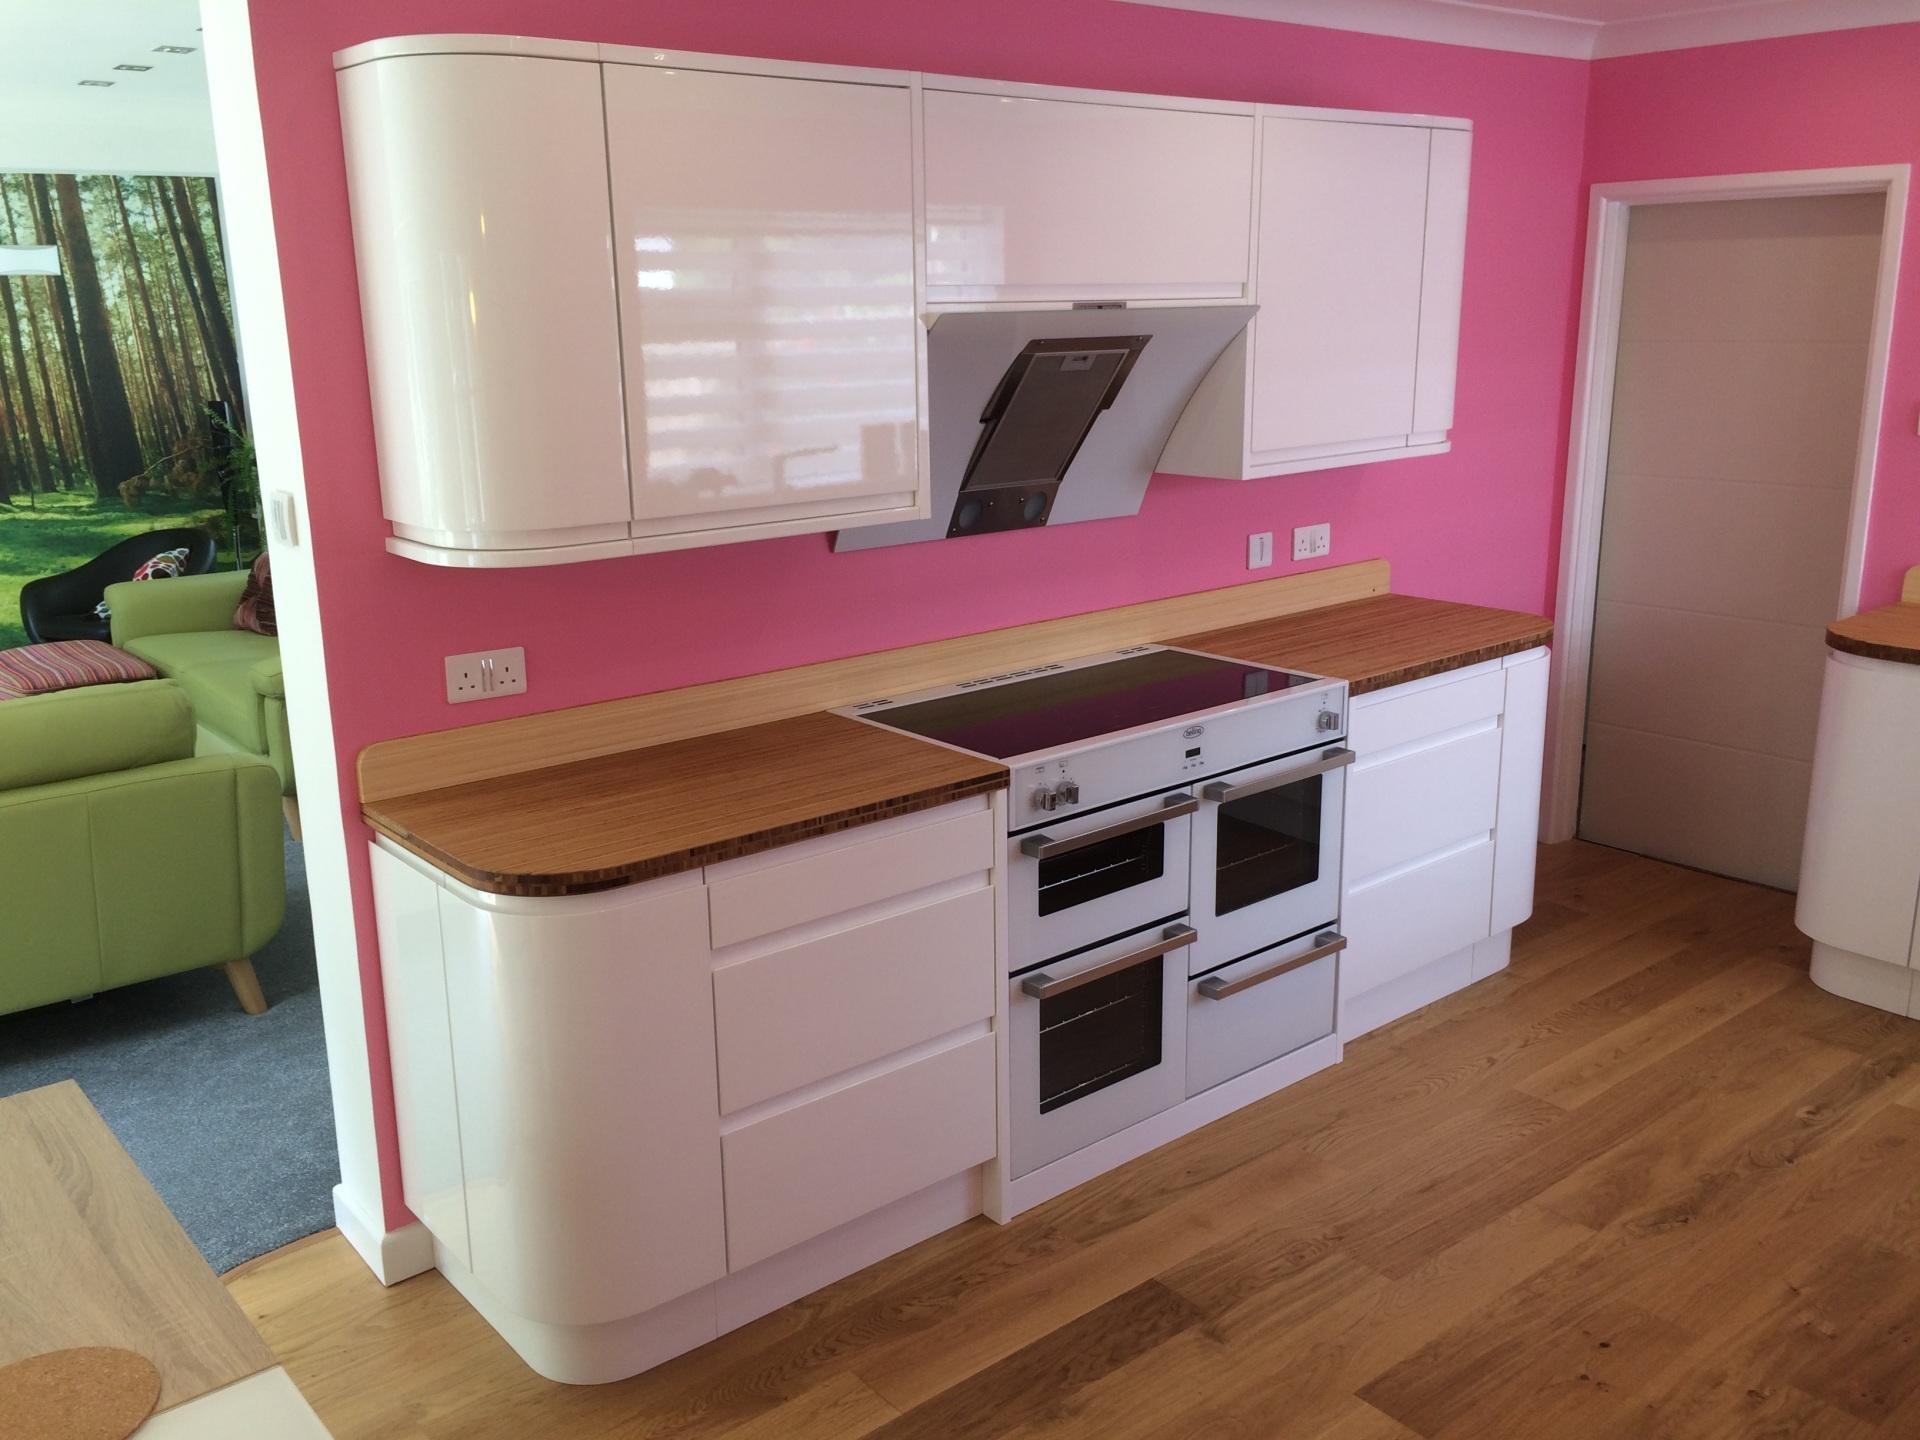 Curvy pink kitchen